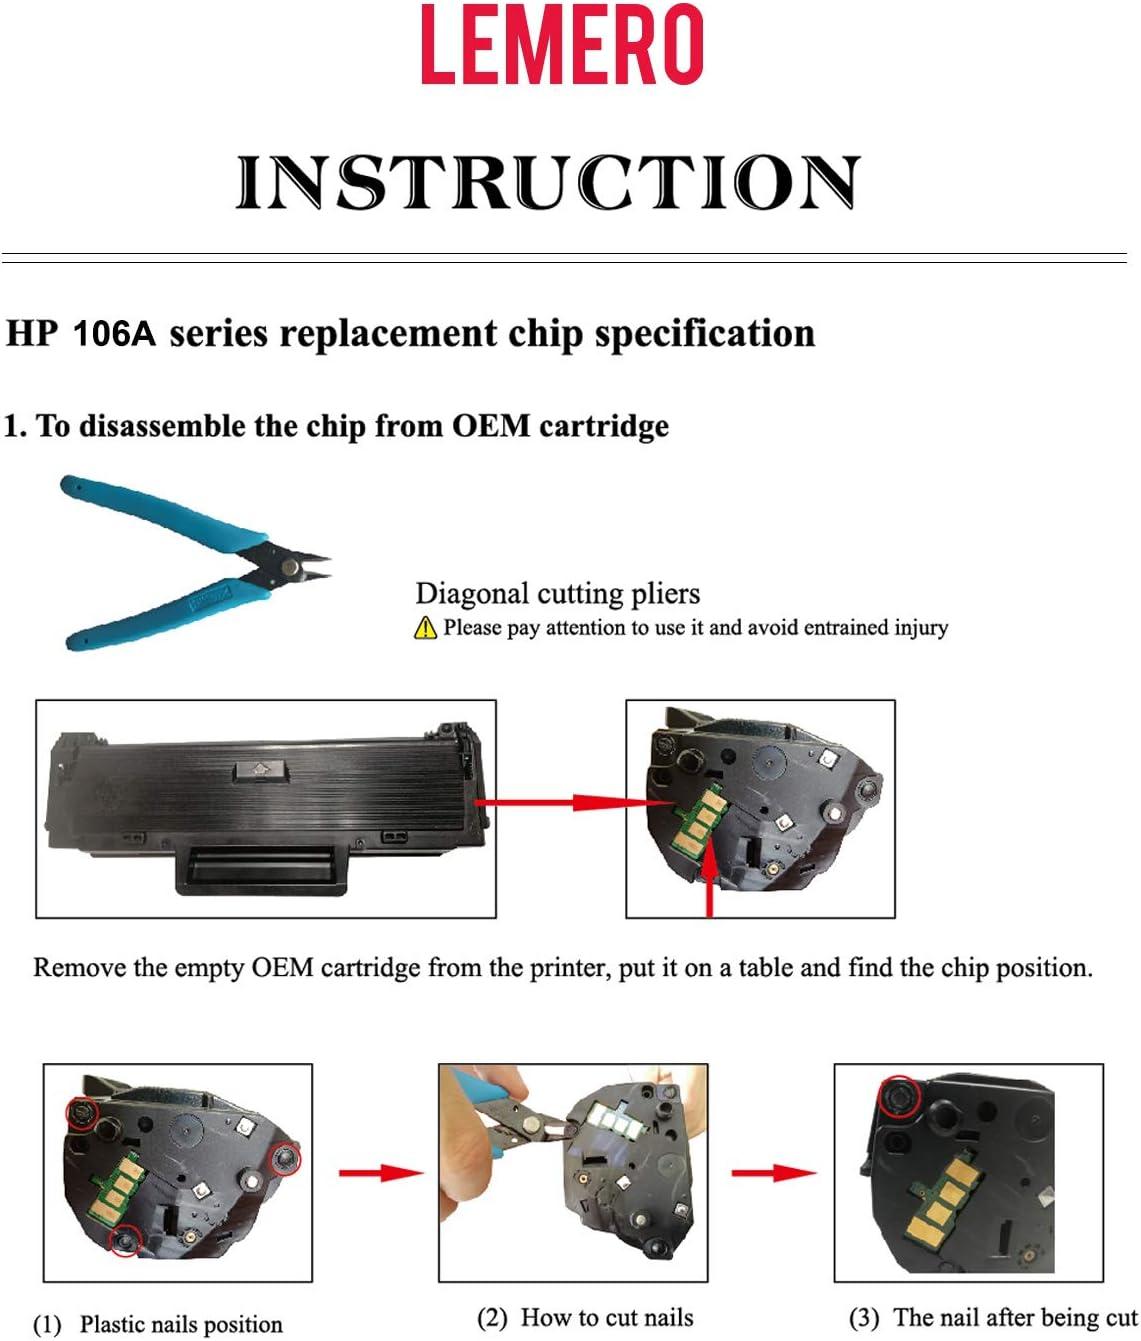 LEMERO 2 Compatibili Toner per HP 106A W1106A per HP Laser MFP 135a 135w 135r 137fnw HP Laser 107a 107w 107r senza Chip